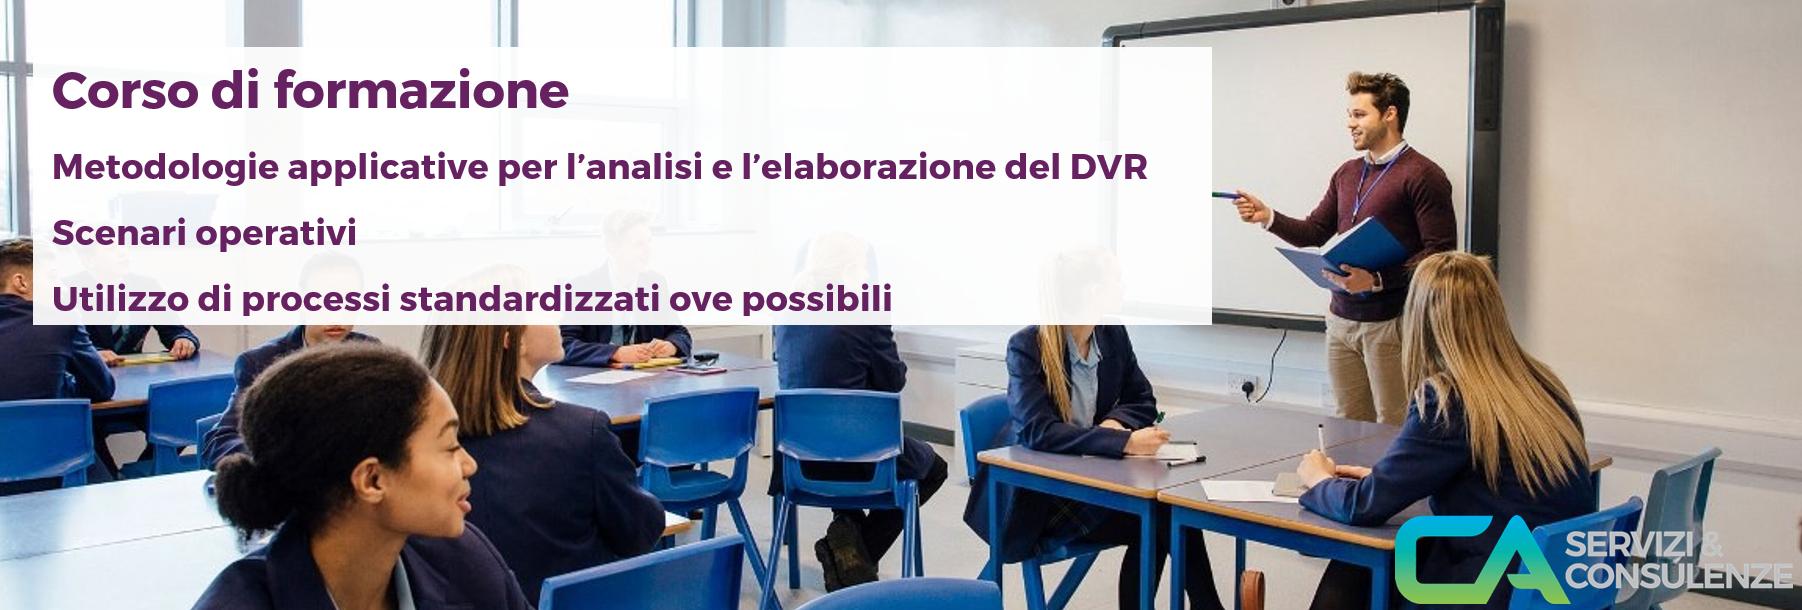 Banner corso Milano CASERVIZI